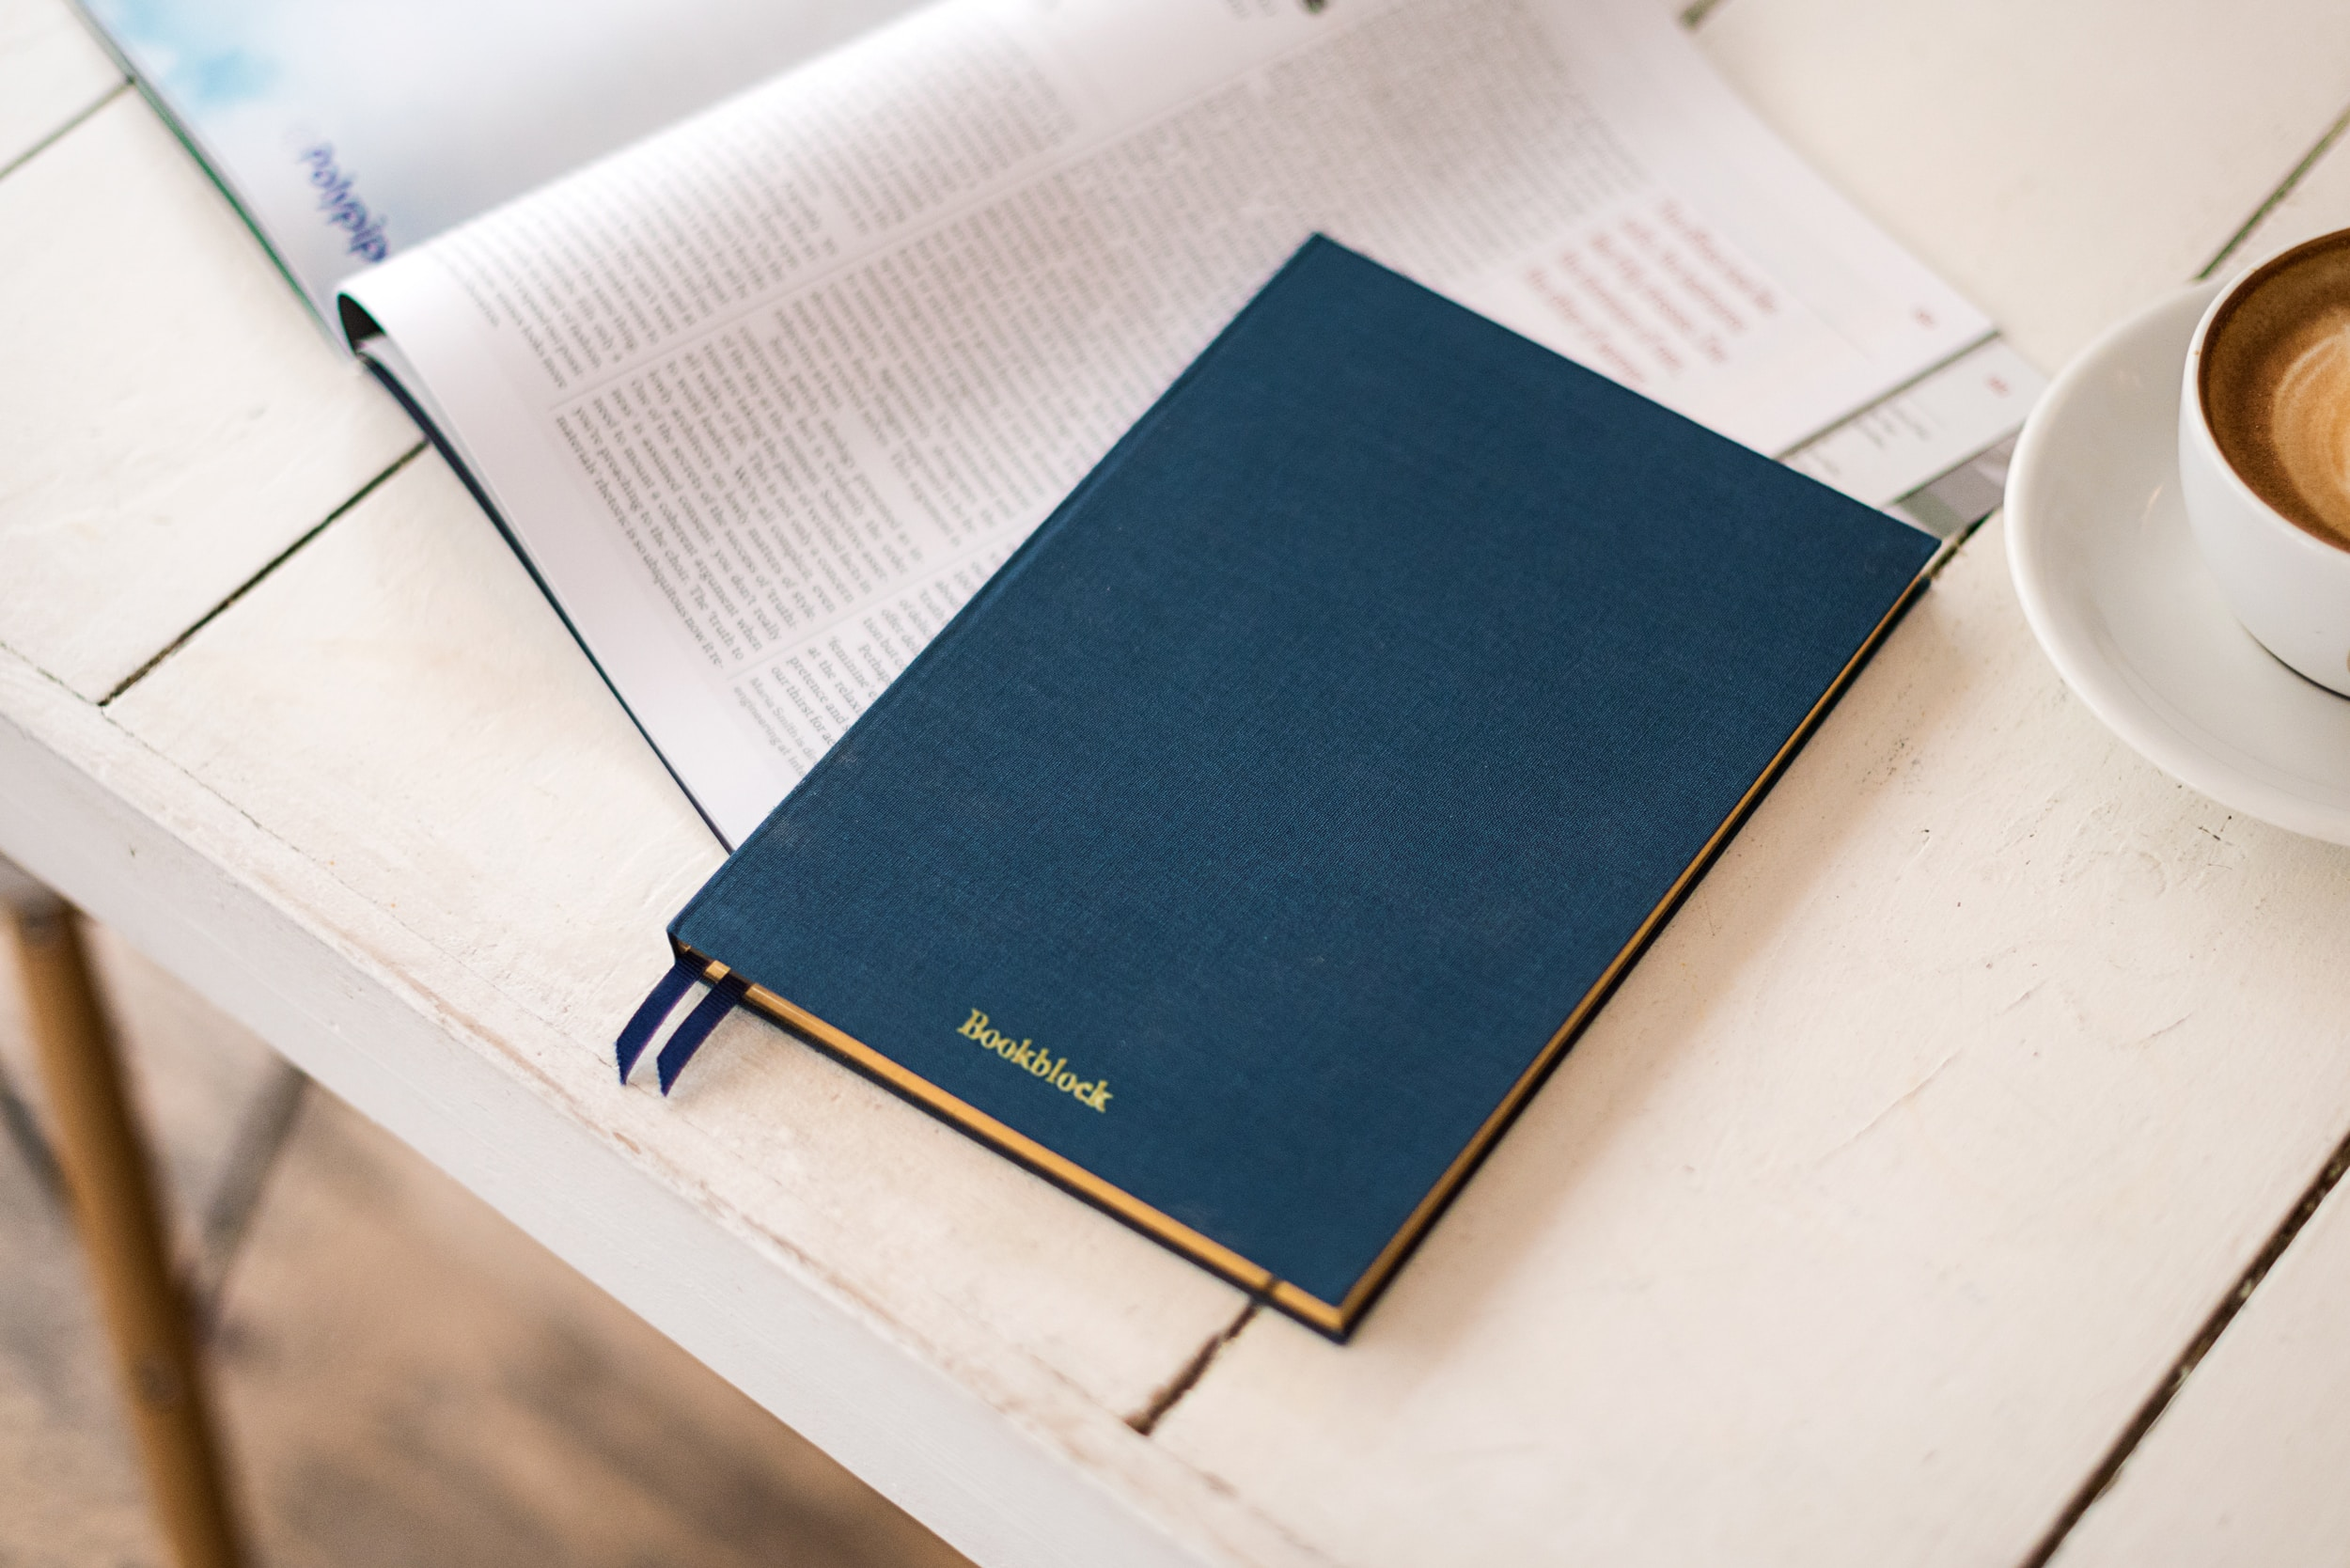 بولتژورنال: سیستمی که برنامهریزی و رشد شخصیتان را متحول میکند (بخش دوم)